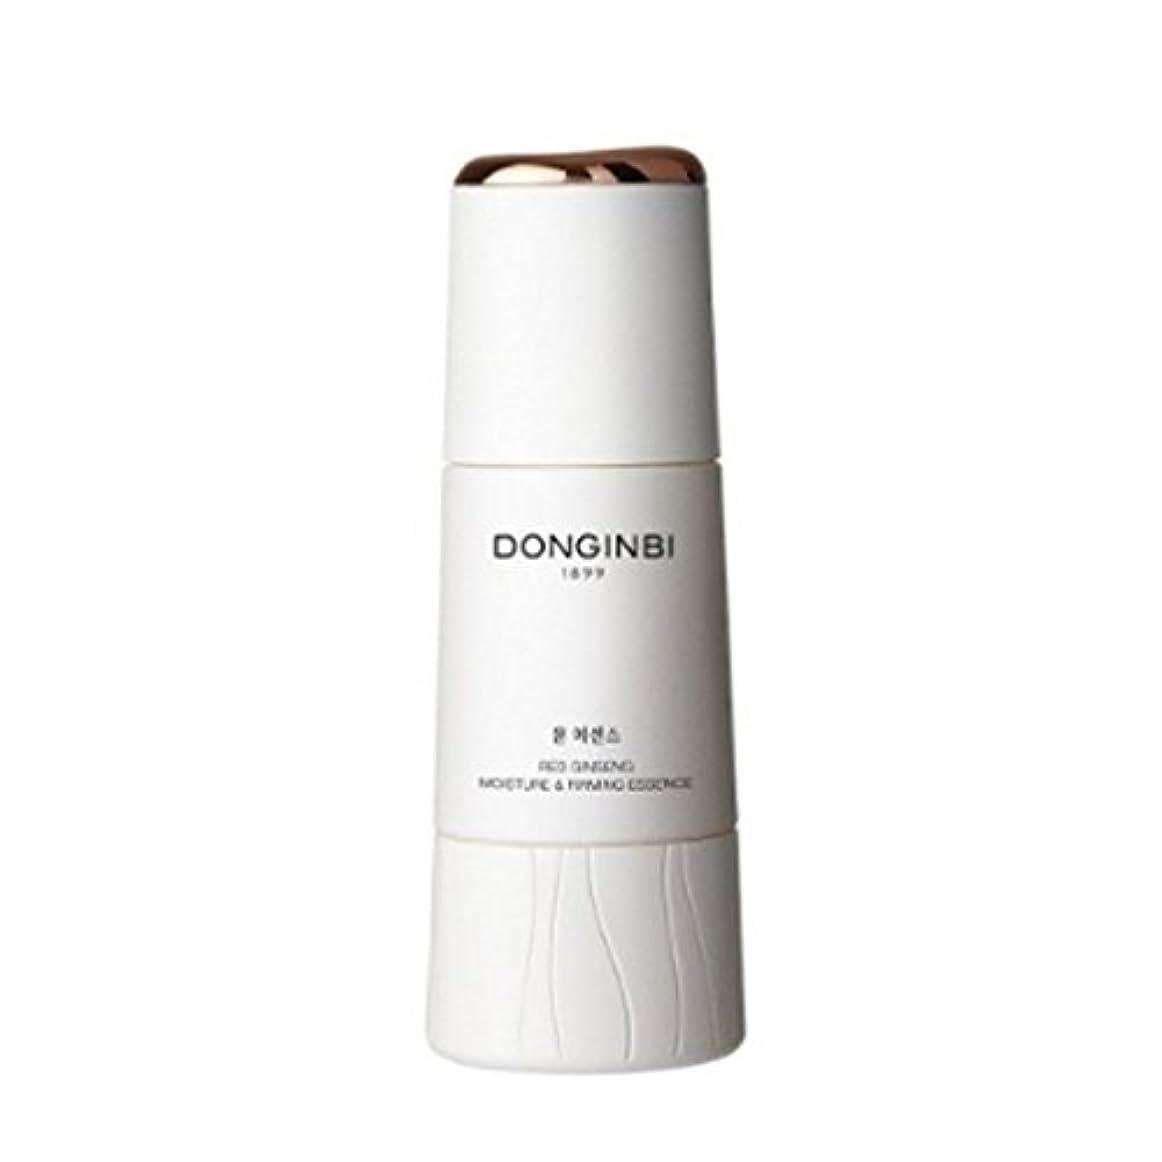 制約実験的高度[ドンインビ]DONGINBI ドンインビユン エッセンス50ml 海外直送品 essence 50ml [並行輸入品]